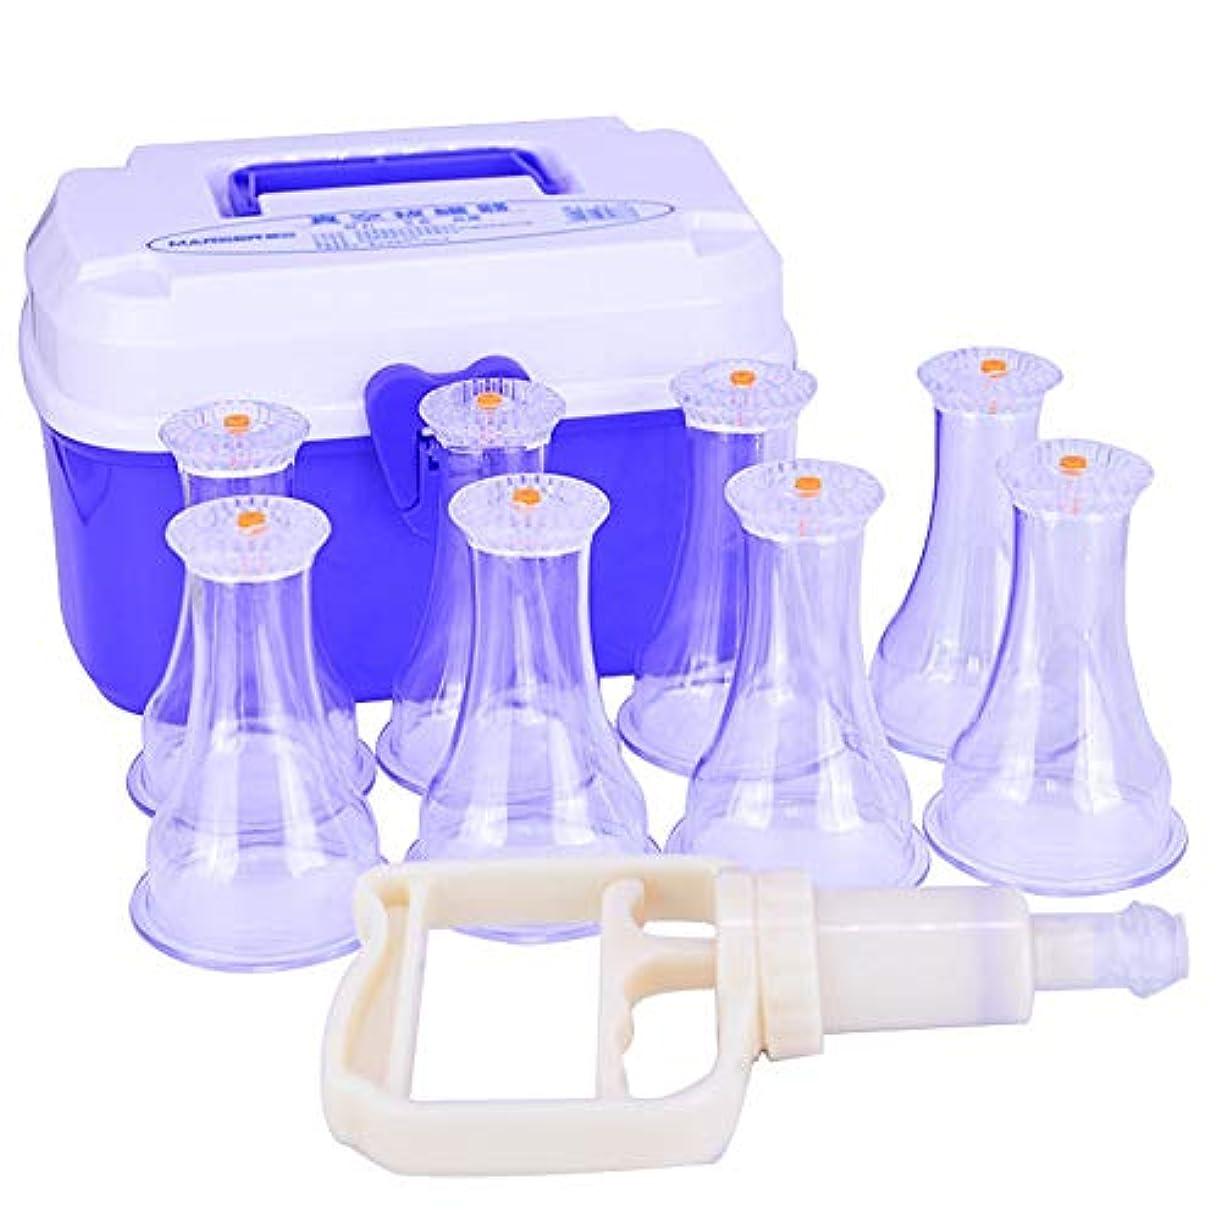 蒸一般化するマウント8カップカッピングセットプラスチック、真空吸引生体磁気中国療法カップ、収納ボックスポンプ付き医療、ボディマッサージの痛みを軽減する物理的排泄毒素